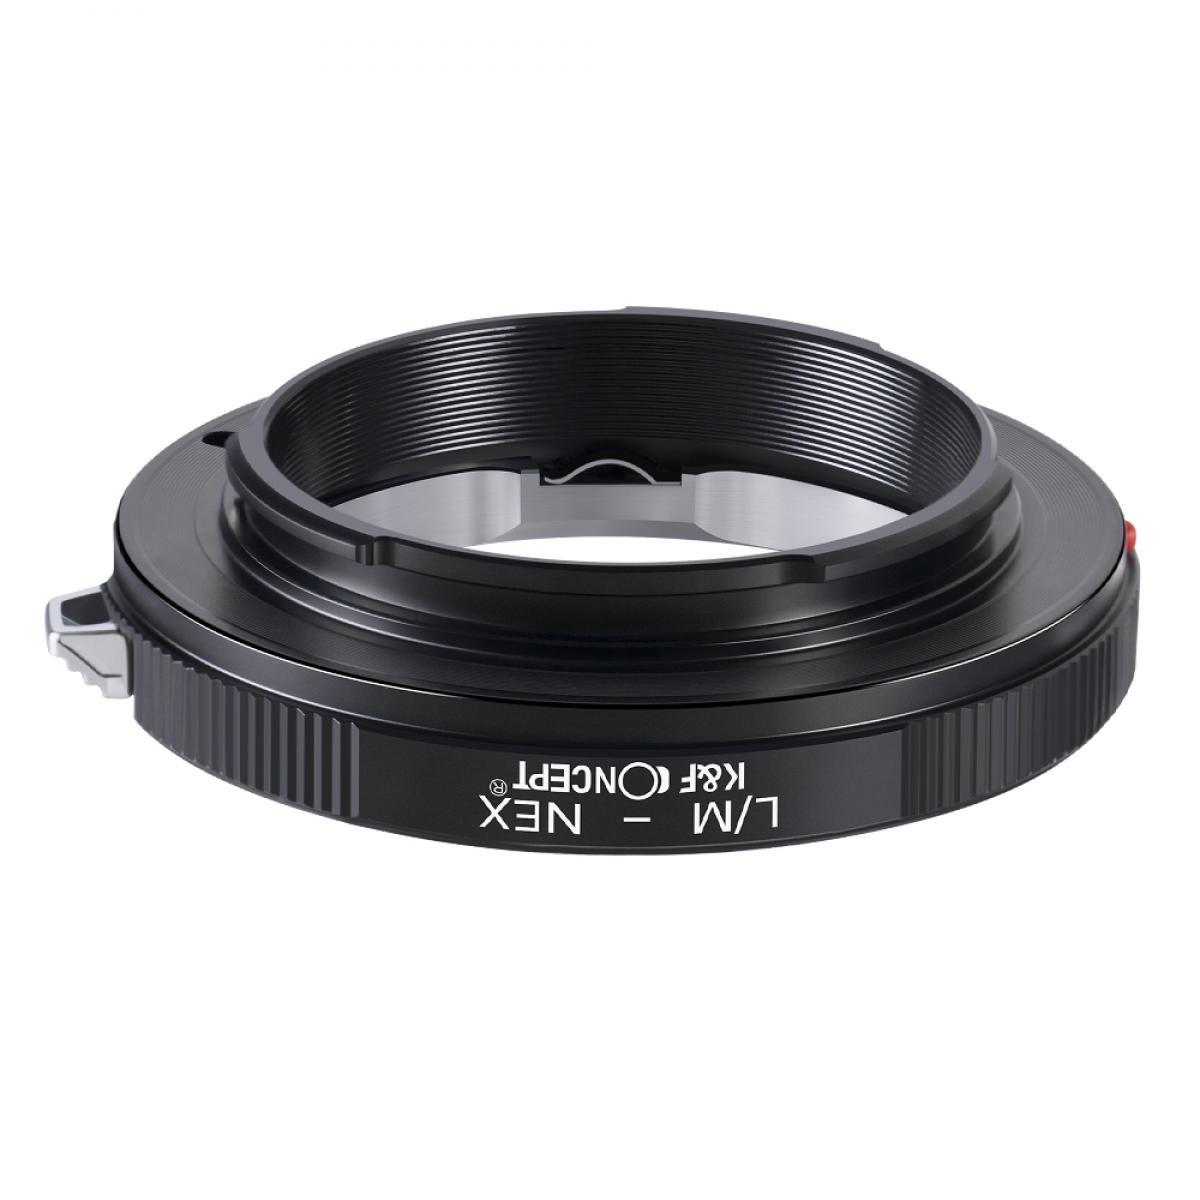 K&F M20101 Leica M Lenses to Sony E Lens Mount Adapter